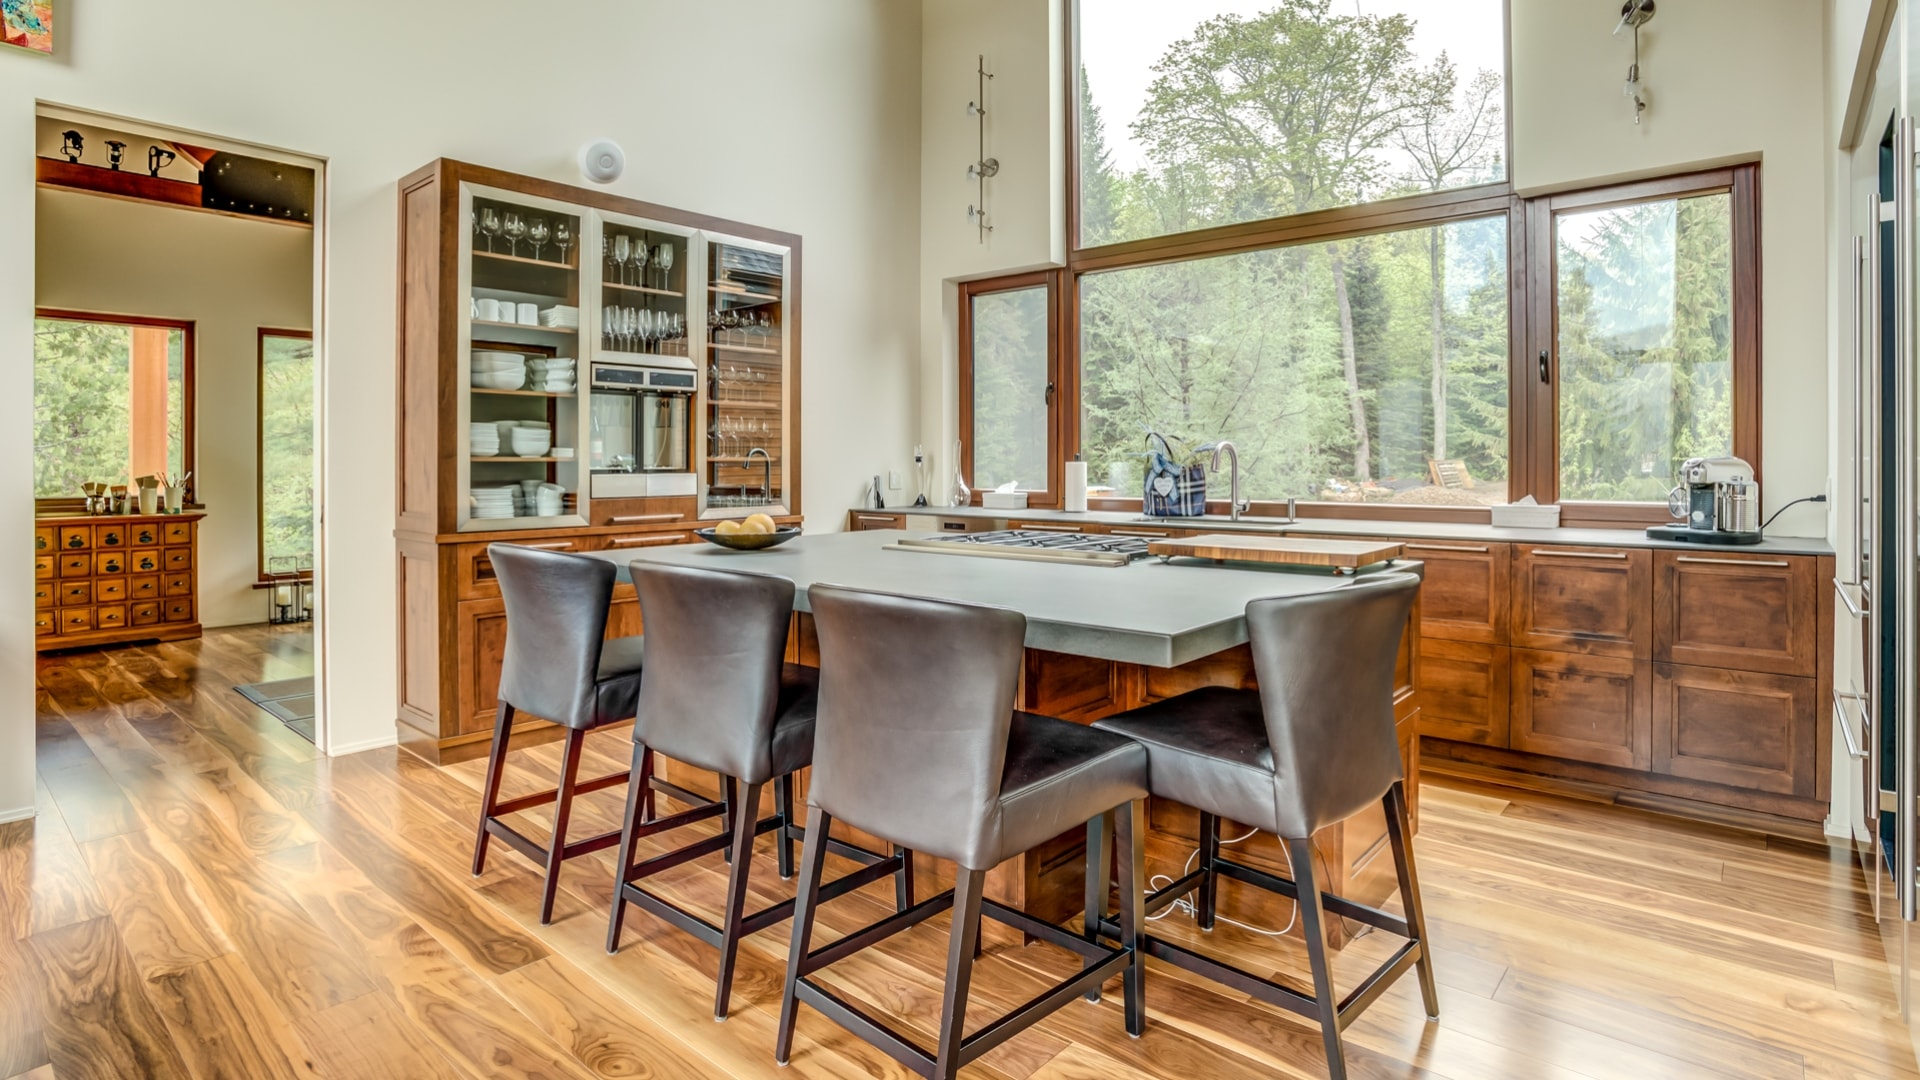 Cuisine contemporaine réalisée par Ateliers Jacob. Les armoires sont faites en érable et les comptoirs en porcelaine Neolith. La cuisine comporte un immense vaisselier.